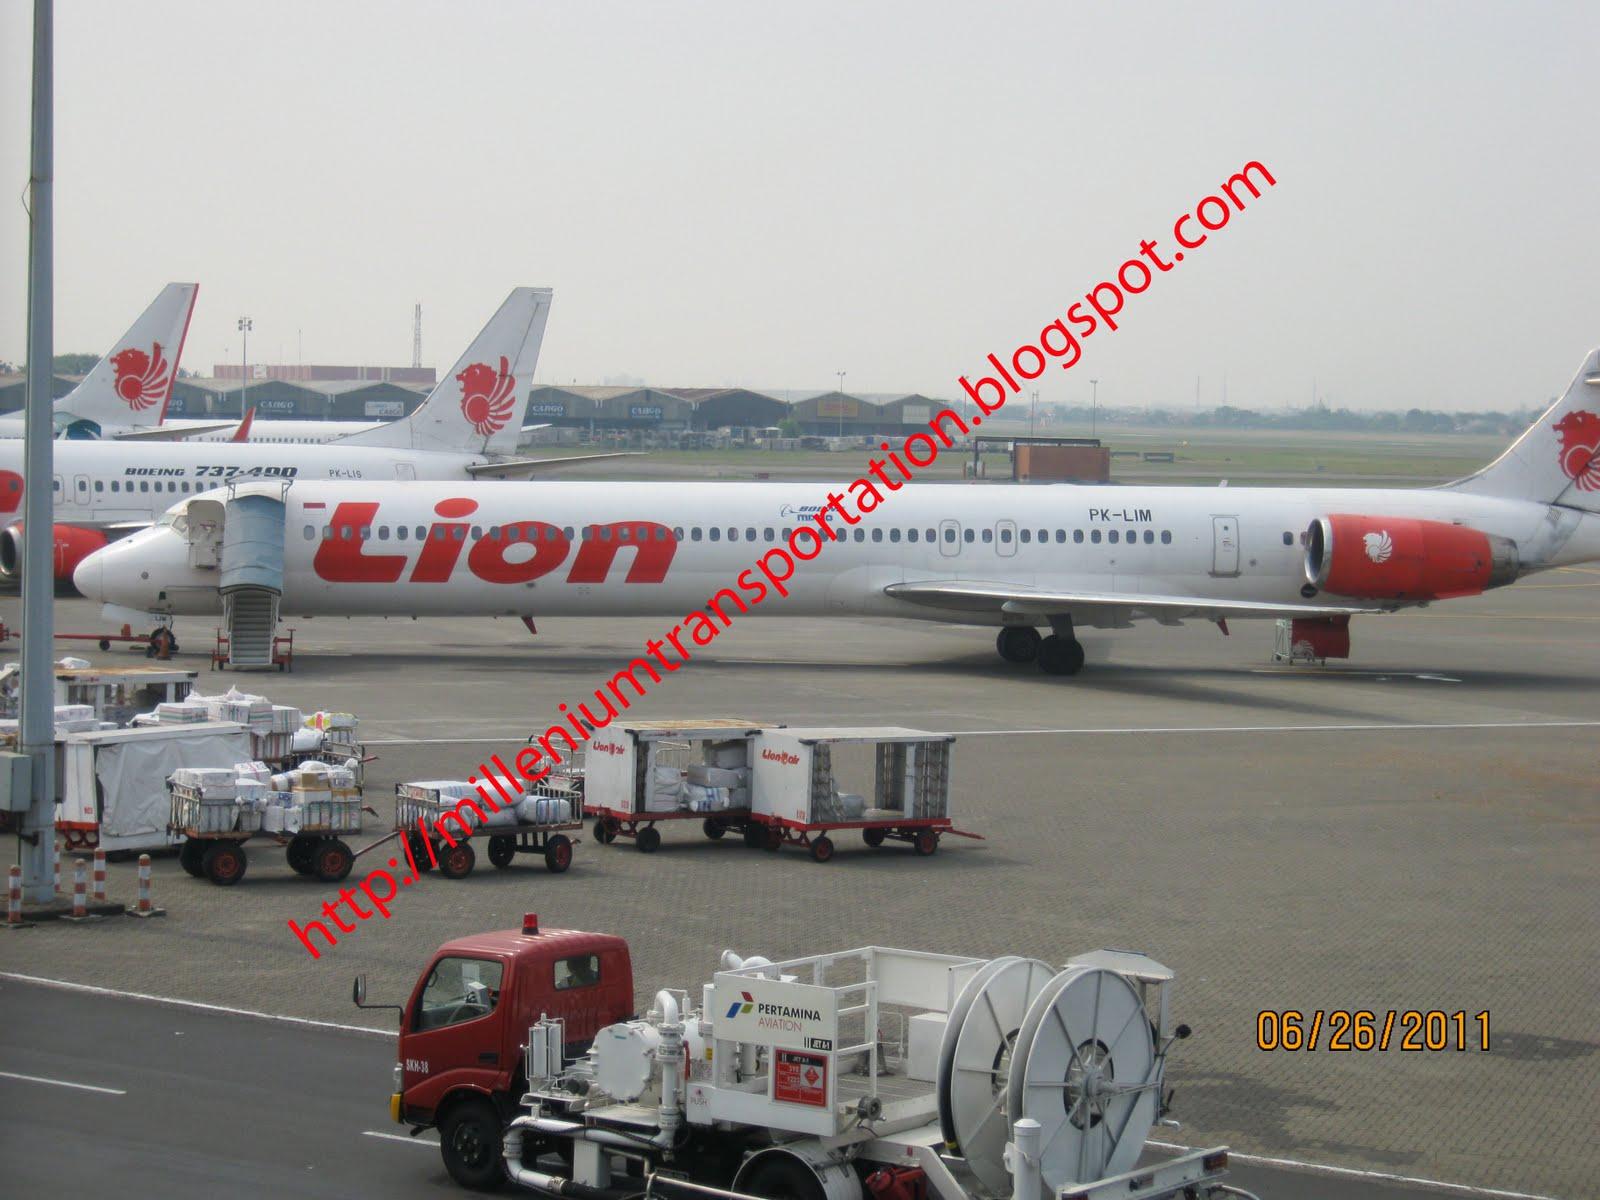 routes map: Lion Air routes map